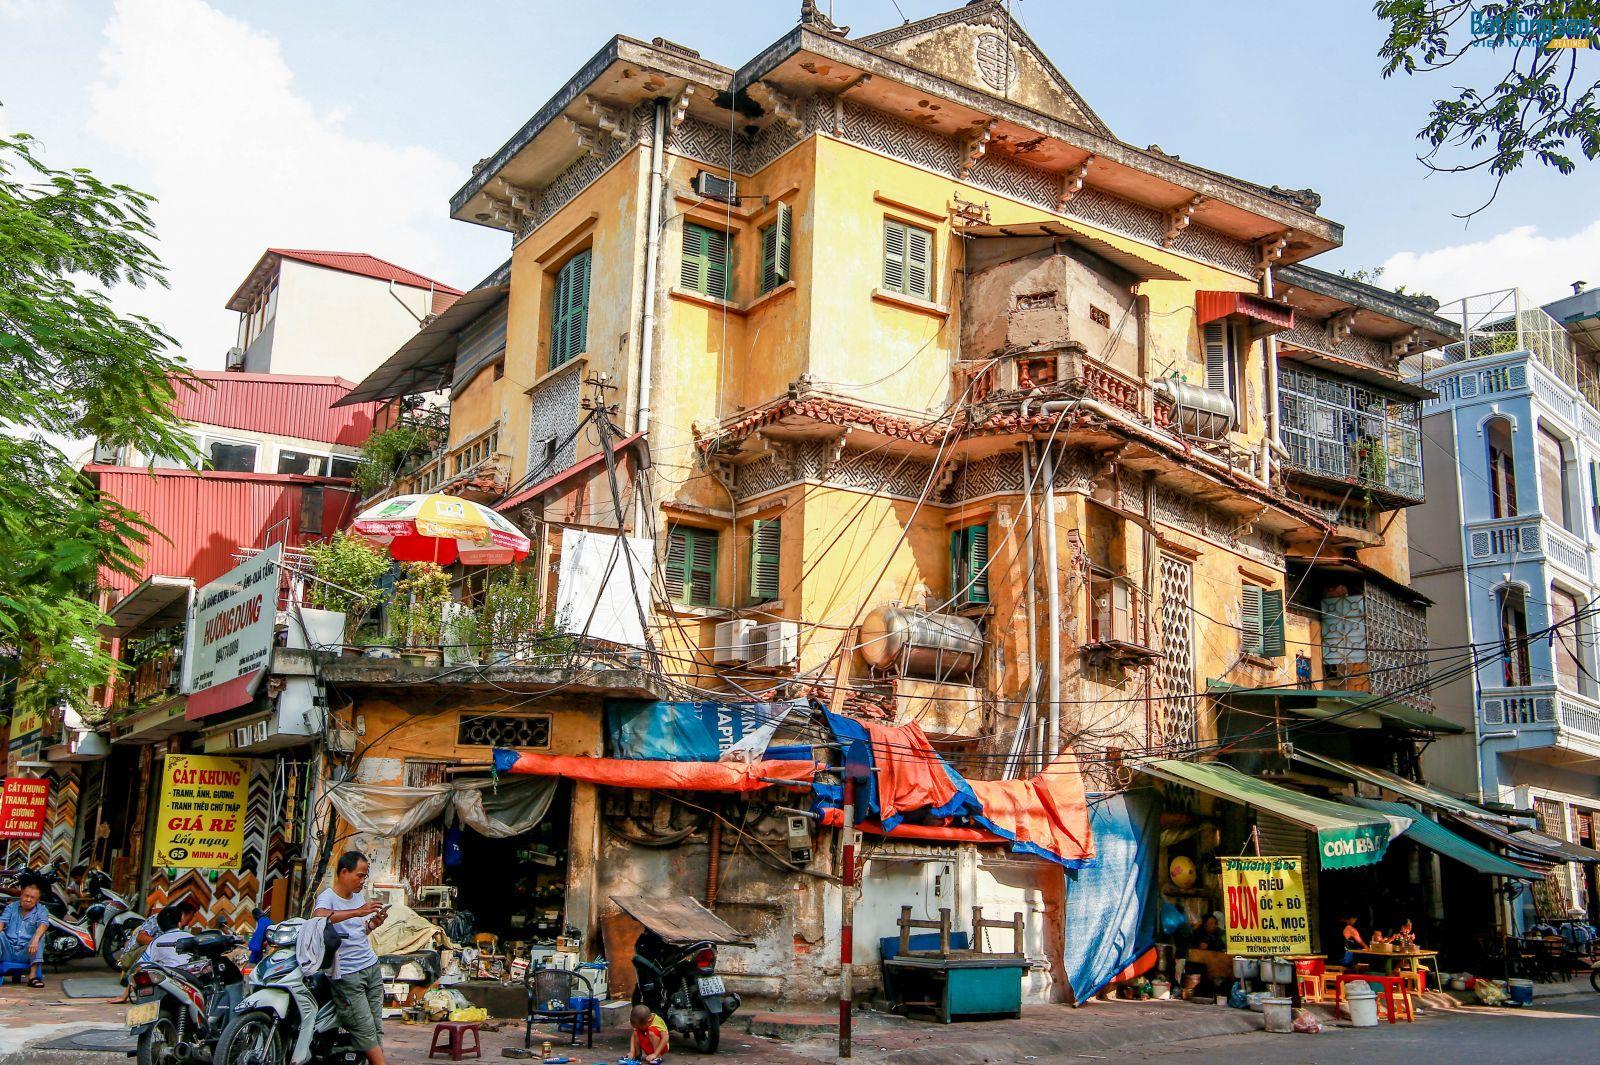 Trên địa bàn Hà Nội hiện nay có nhiều căn biệt thự xuống cấp tới mức báo động. Ảnh: Đỗ Linh.